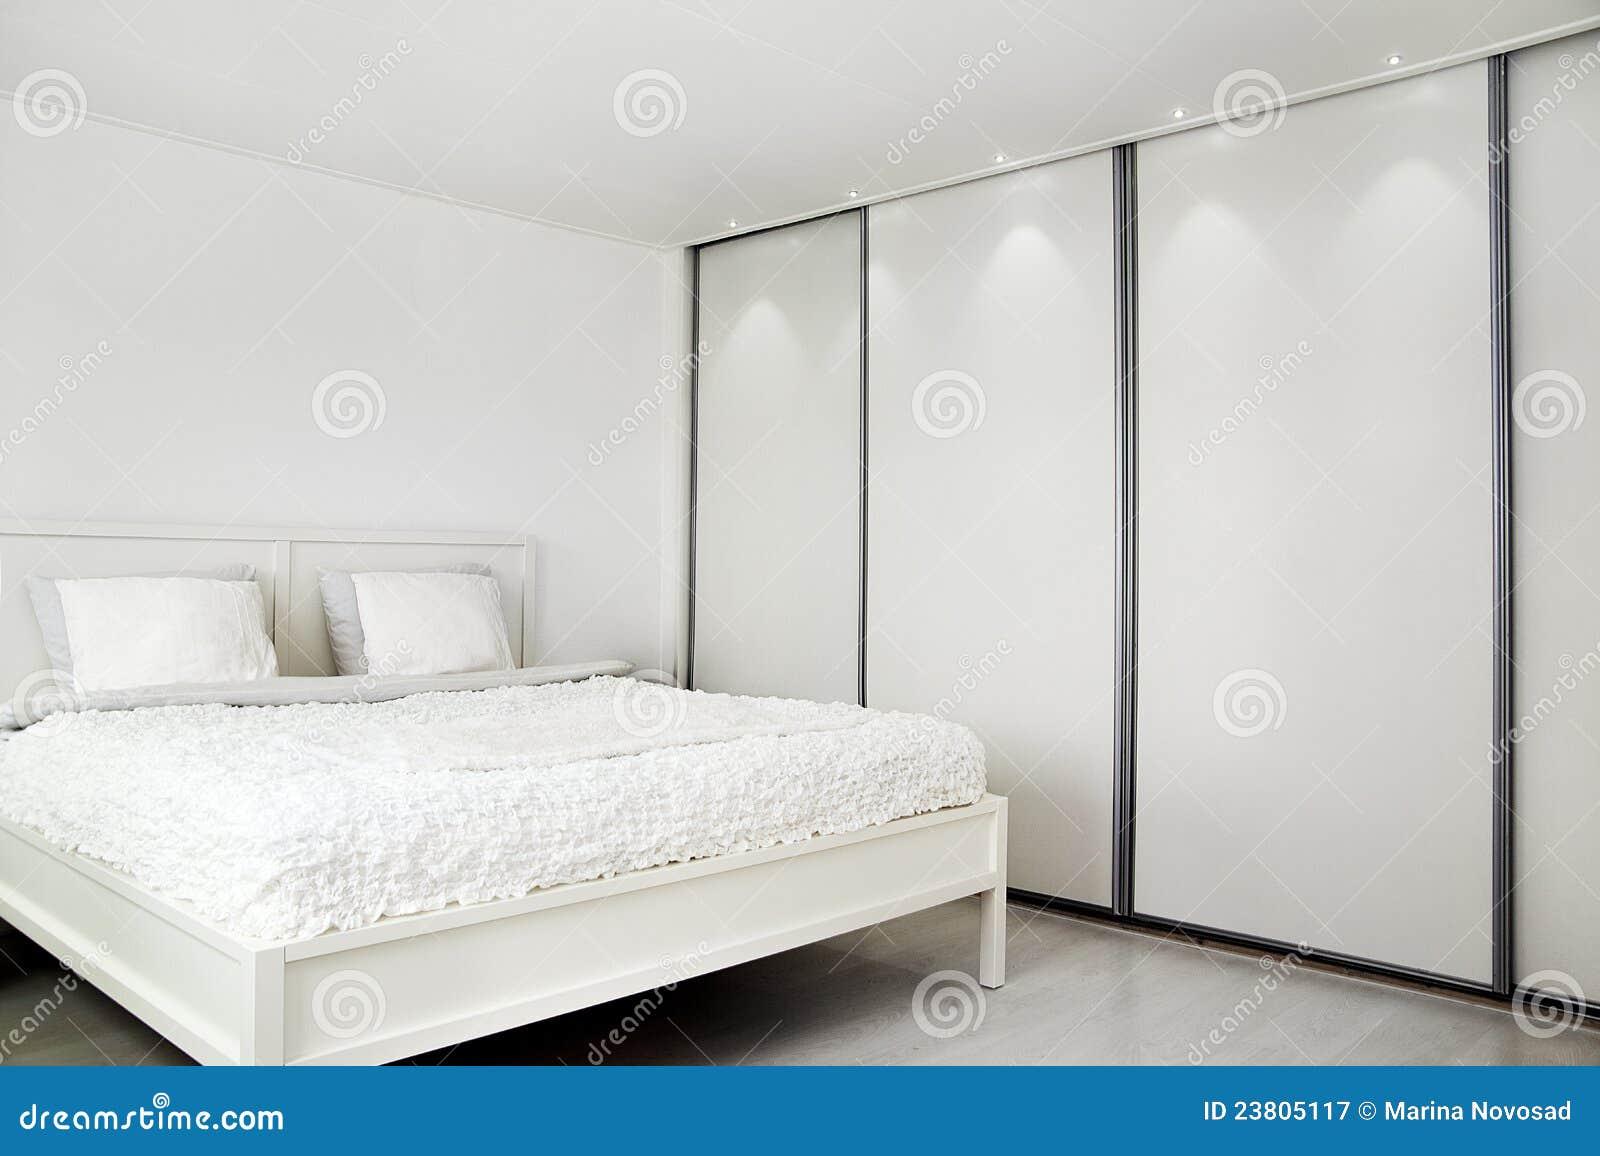 Schlafzimmer. Bett Und Ein Wandschrank. Stockbild - Bild von ...